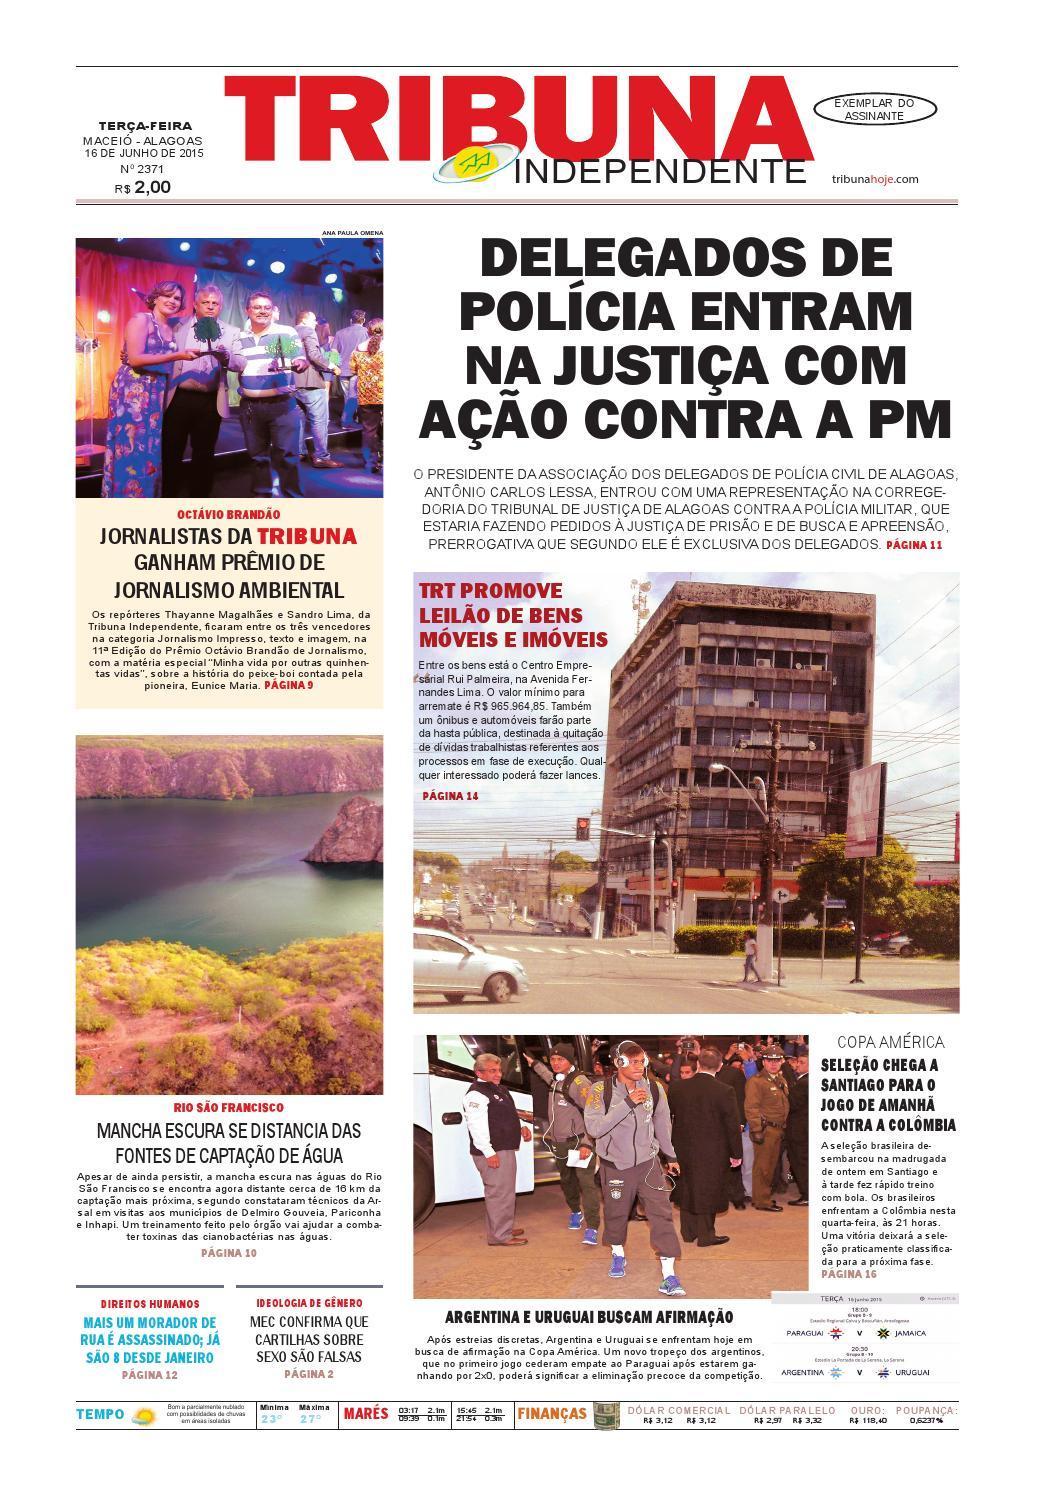 e2f65d47398a8 Edição número 2371 - 16 de junho de 2015 by Tribuna Hoje - issuu